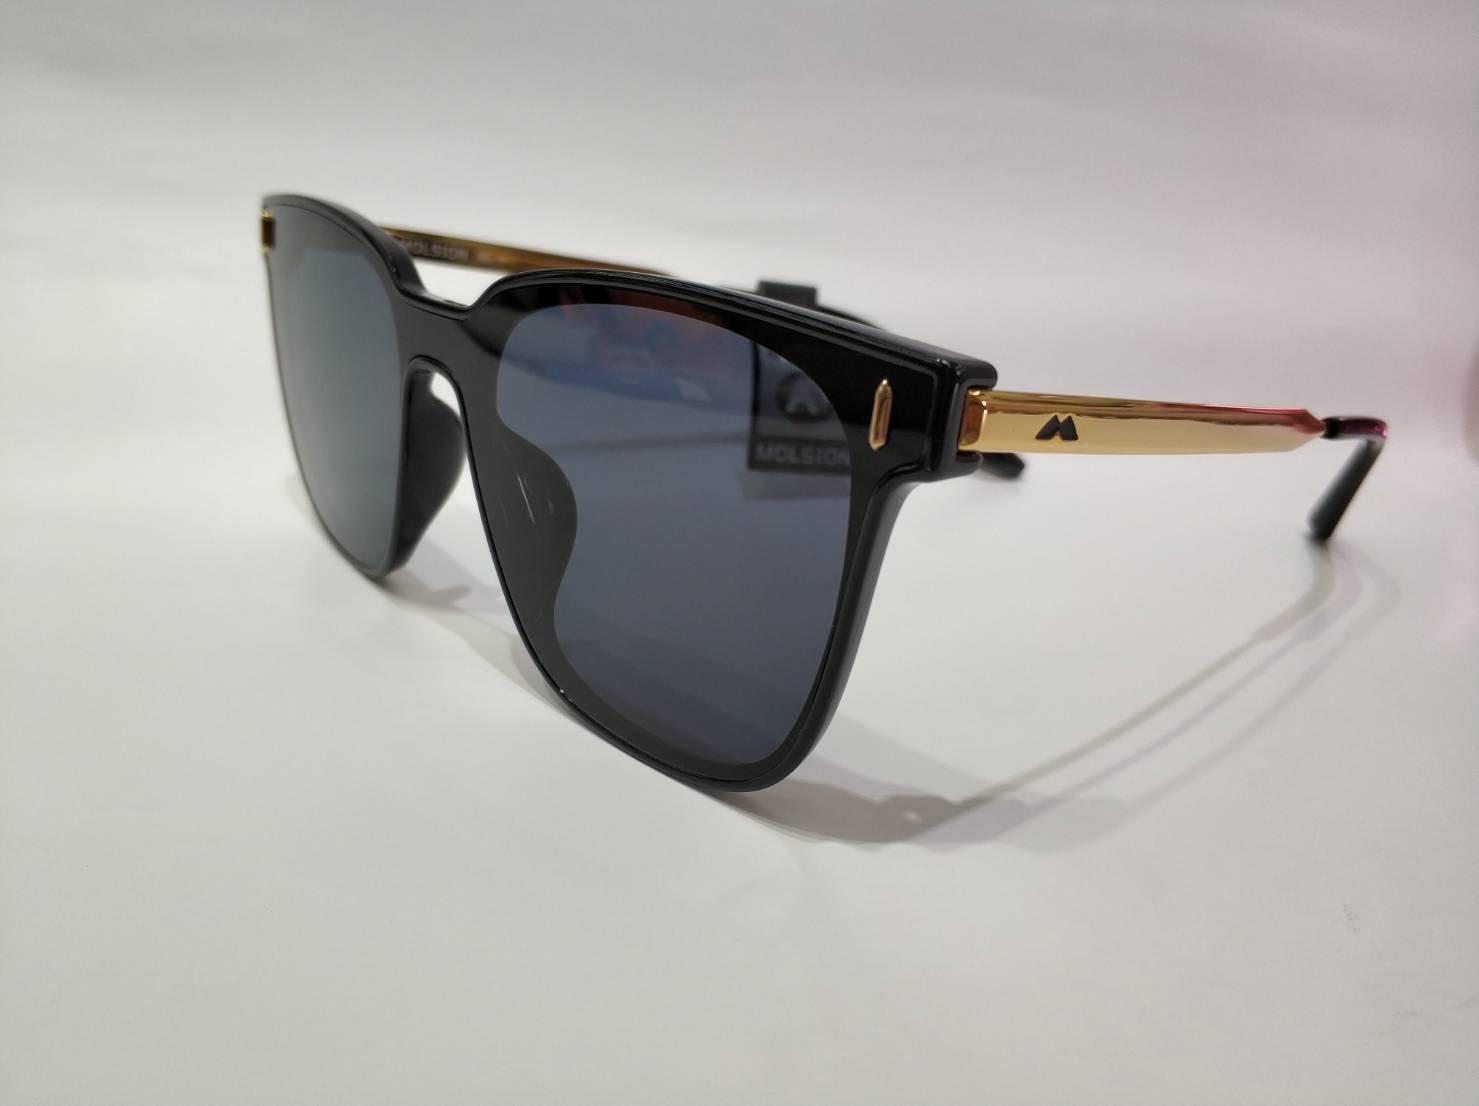 楊一天代言 MOLSION 陌森 大牌時尚流行墨鏡 遮陽效果好的太陽眼鏡 楊一天明星代言)MS5020